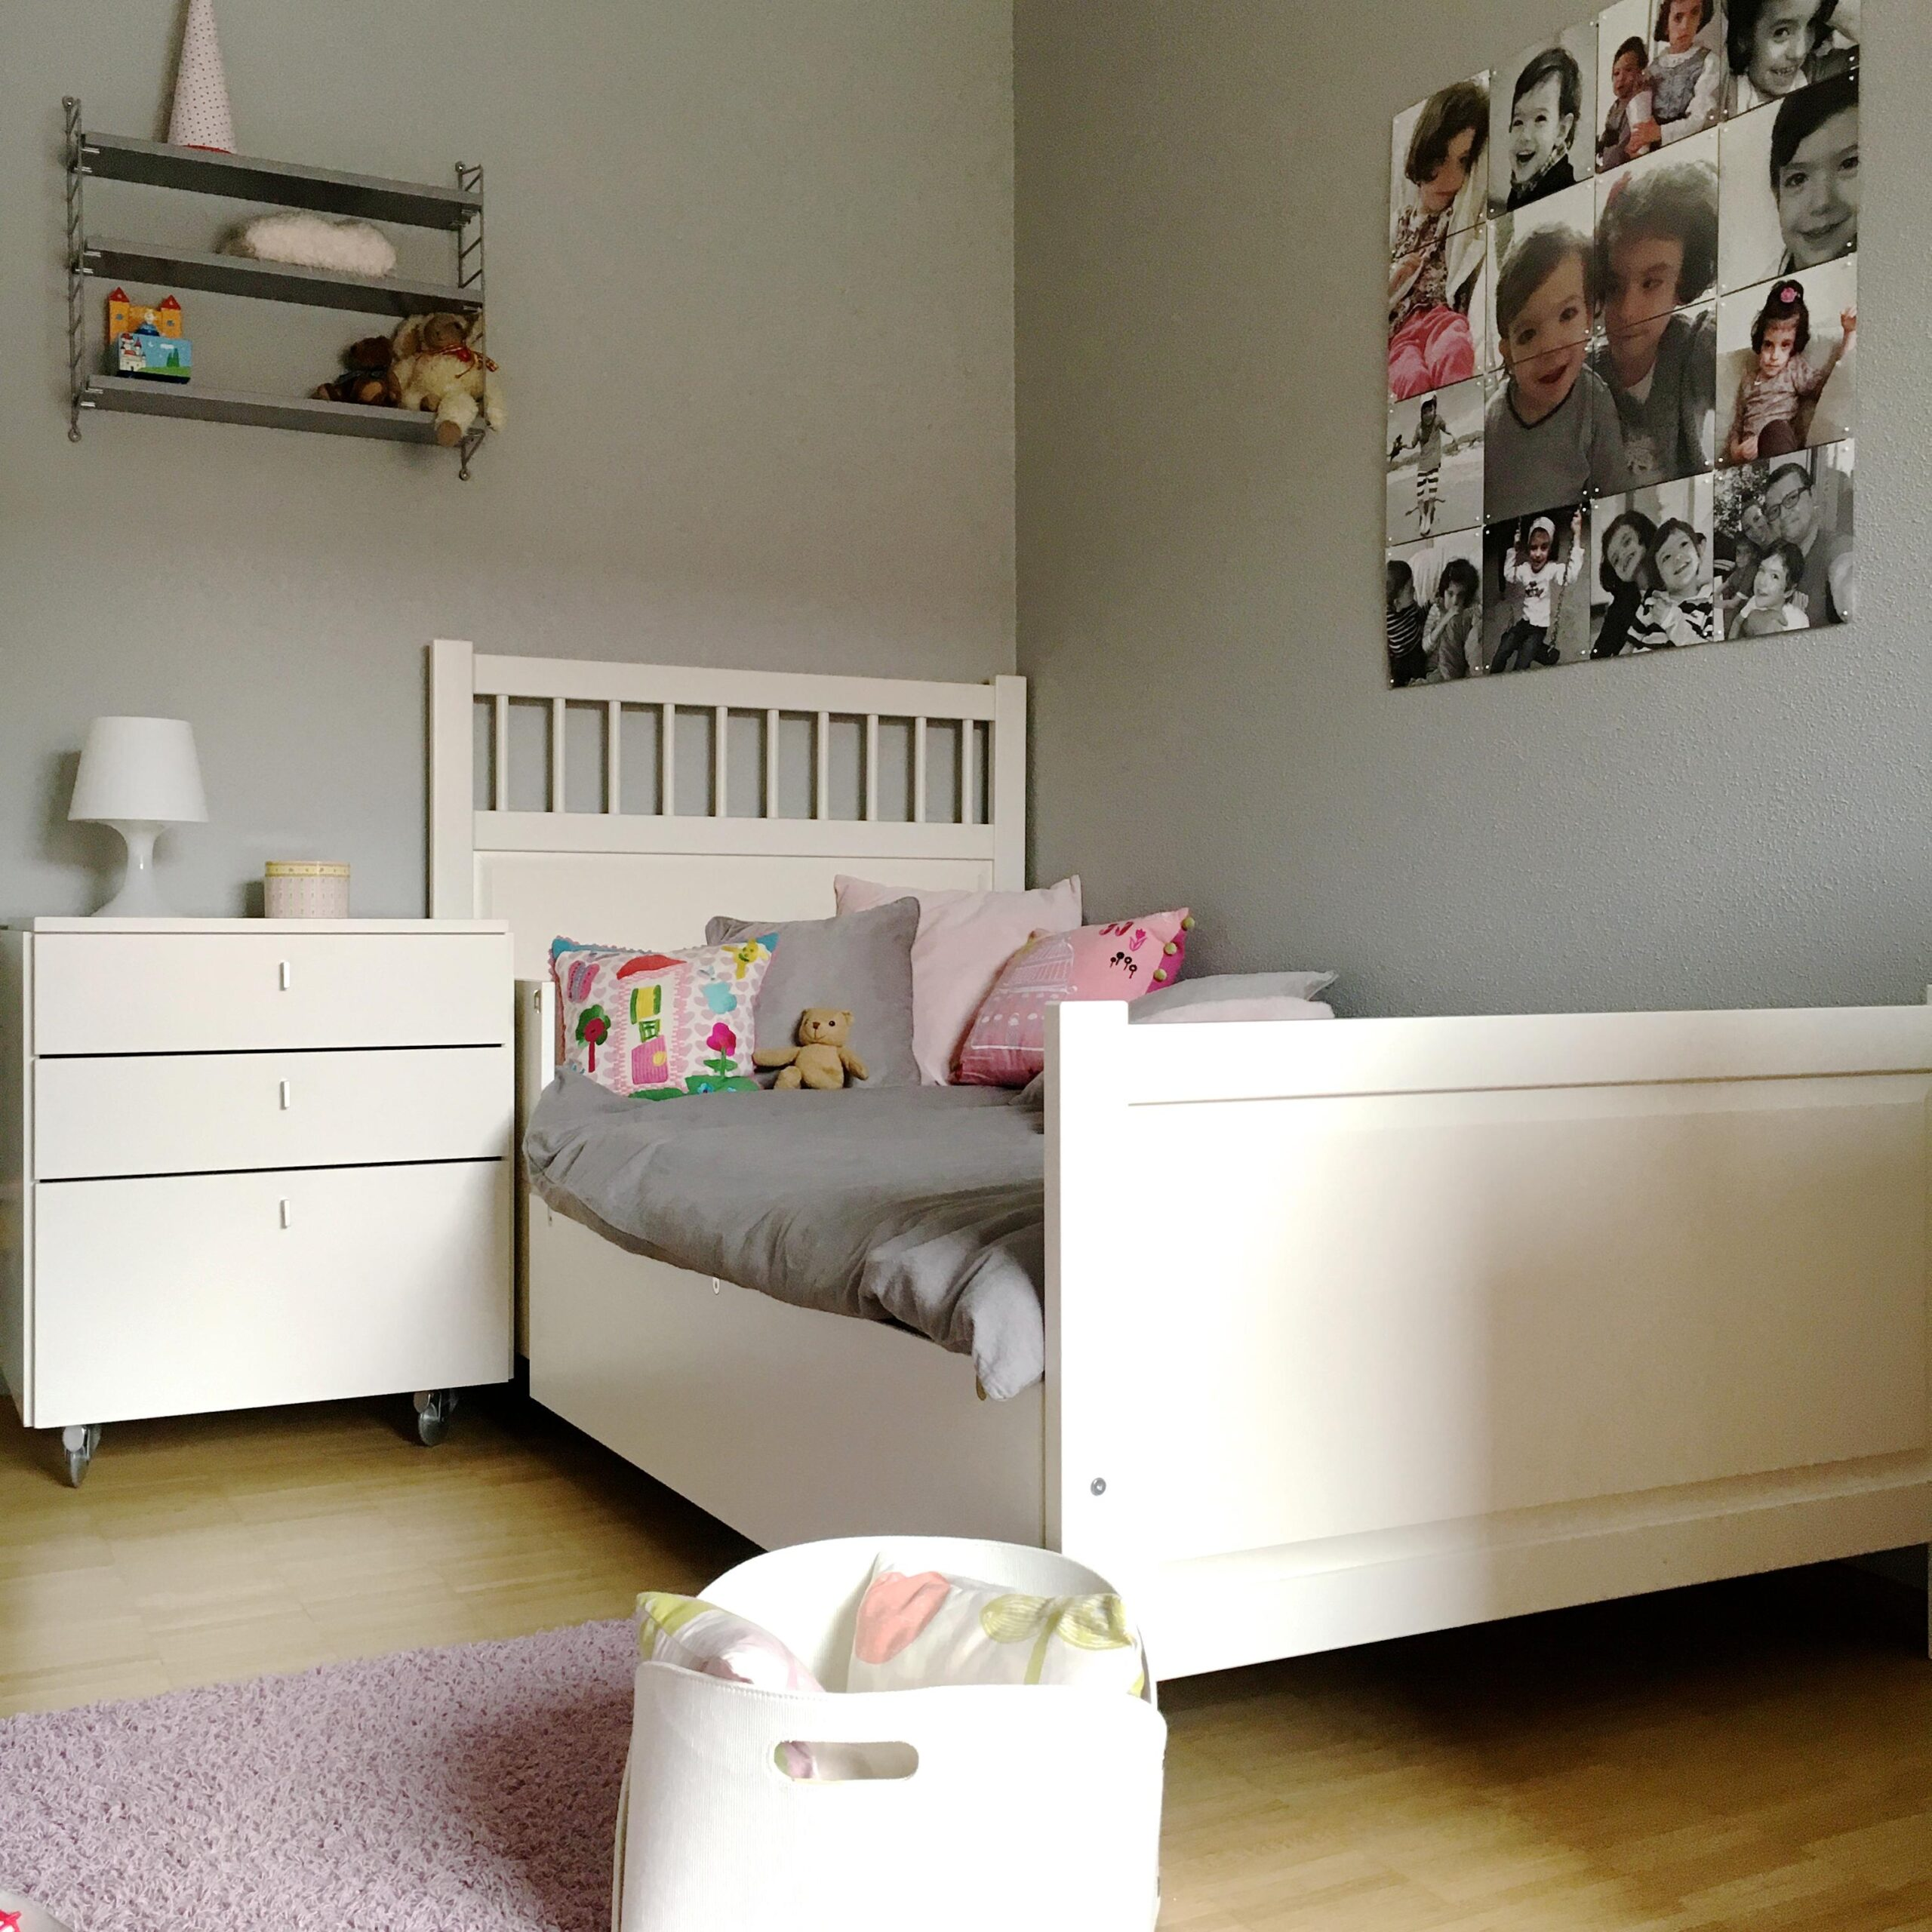 Full Size of Kinderzimmer Mdchen Bett Kissen Nachttisch Ik Sofa Regal Weiß Regale Kinderzimmer Nachttisch Kinderzimmer